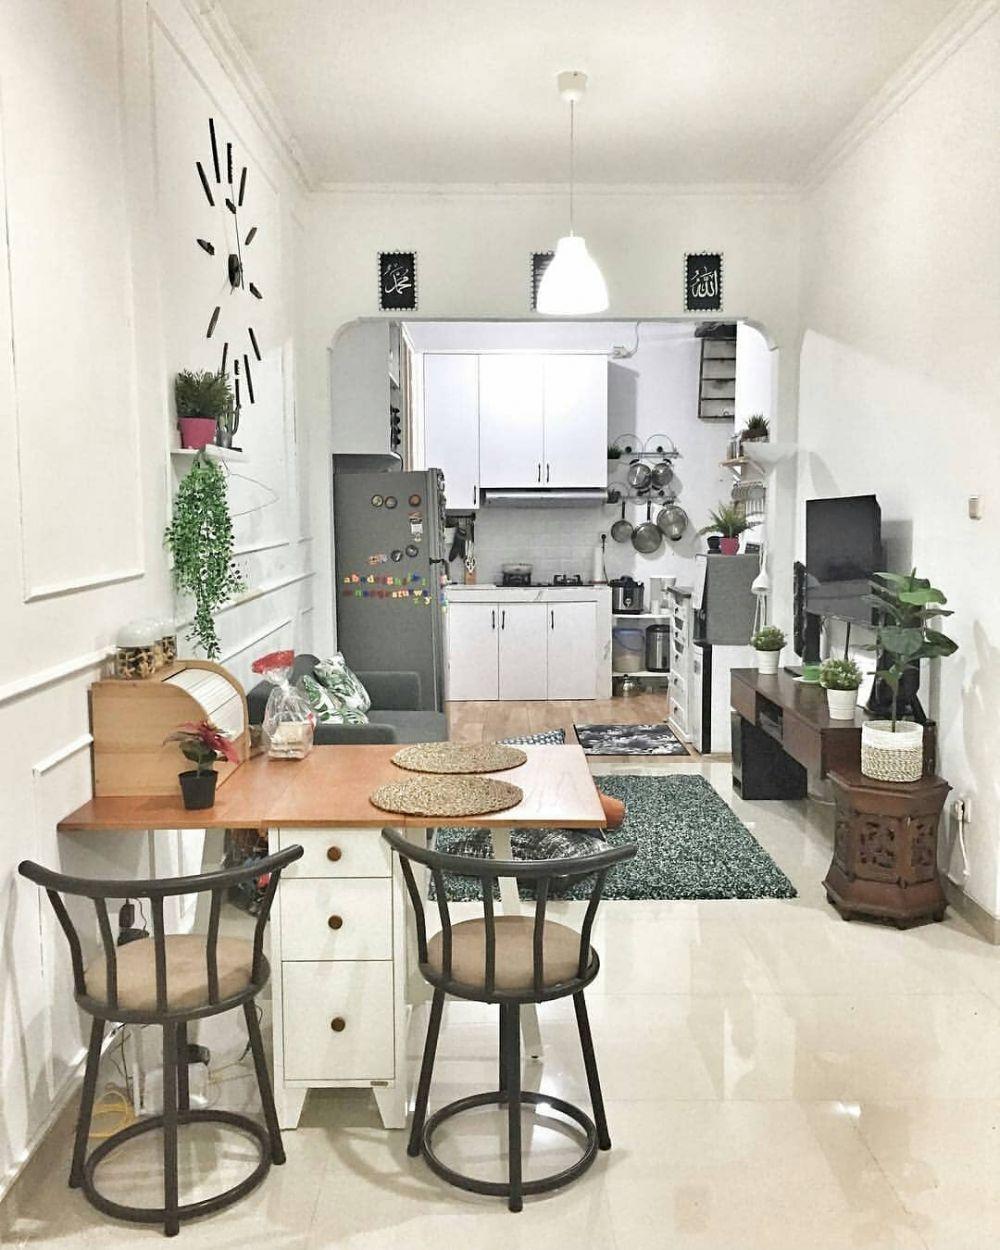 4 Desain ruang makan minimalis terbaik, bisa kamu tiru